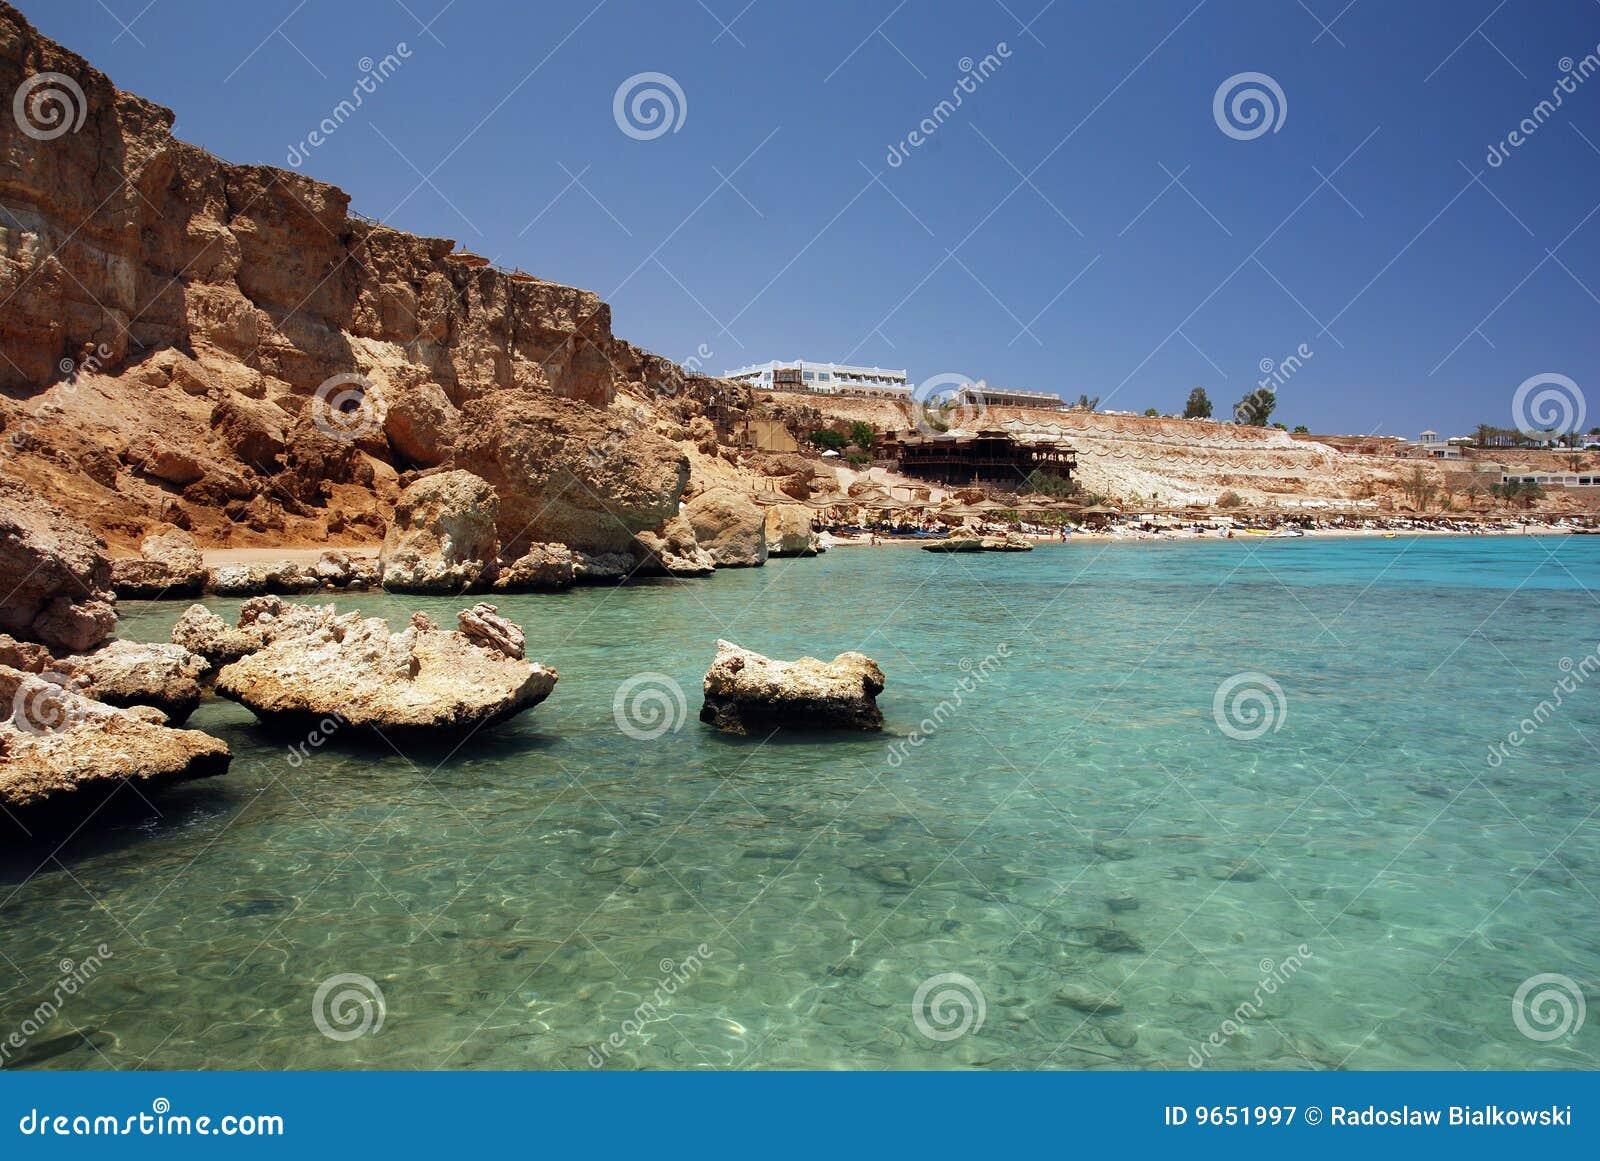 Egypt faraana